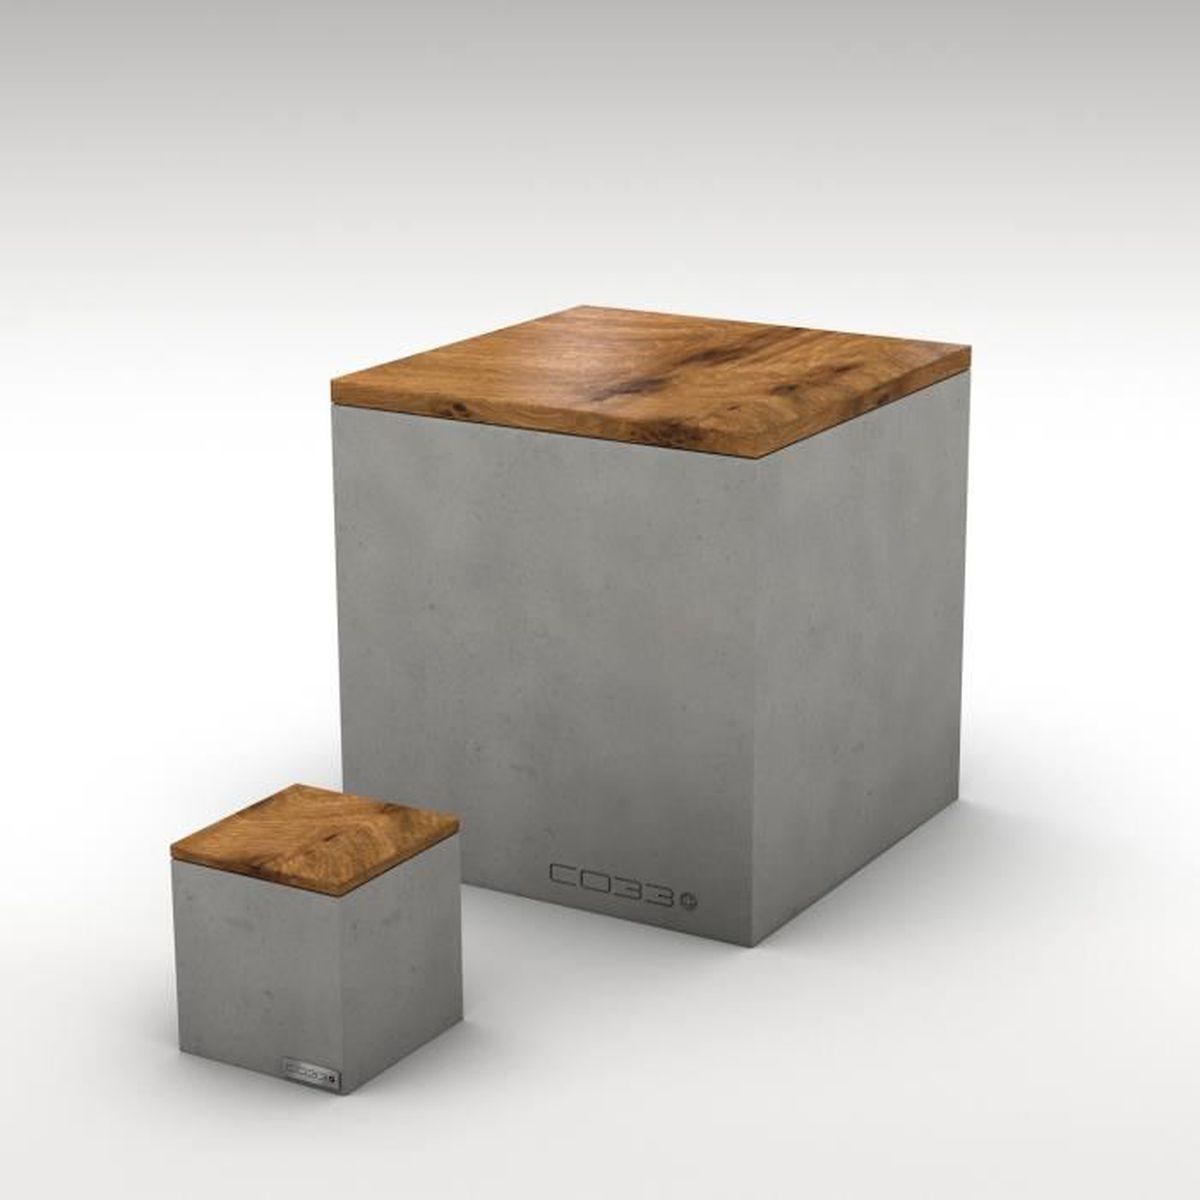 rangement en b ton avec couvercle en bois grand mod le. Black Bedroom Furniture Sets. Home Design Ideas